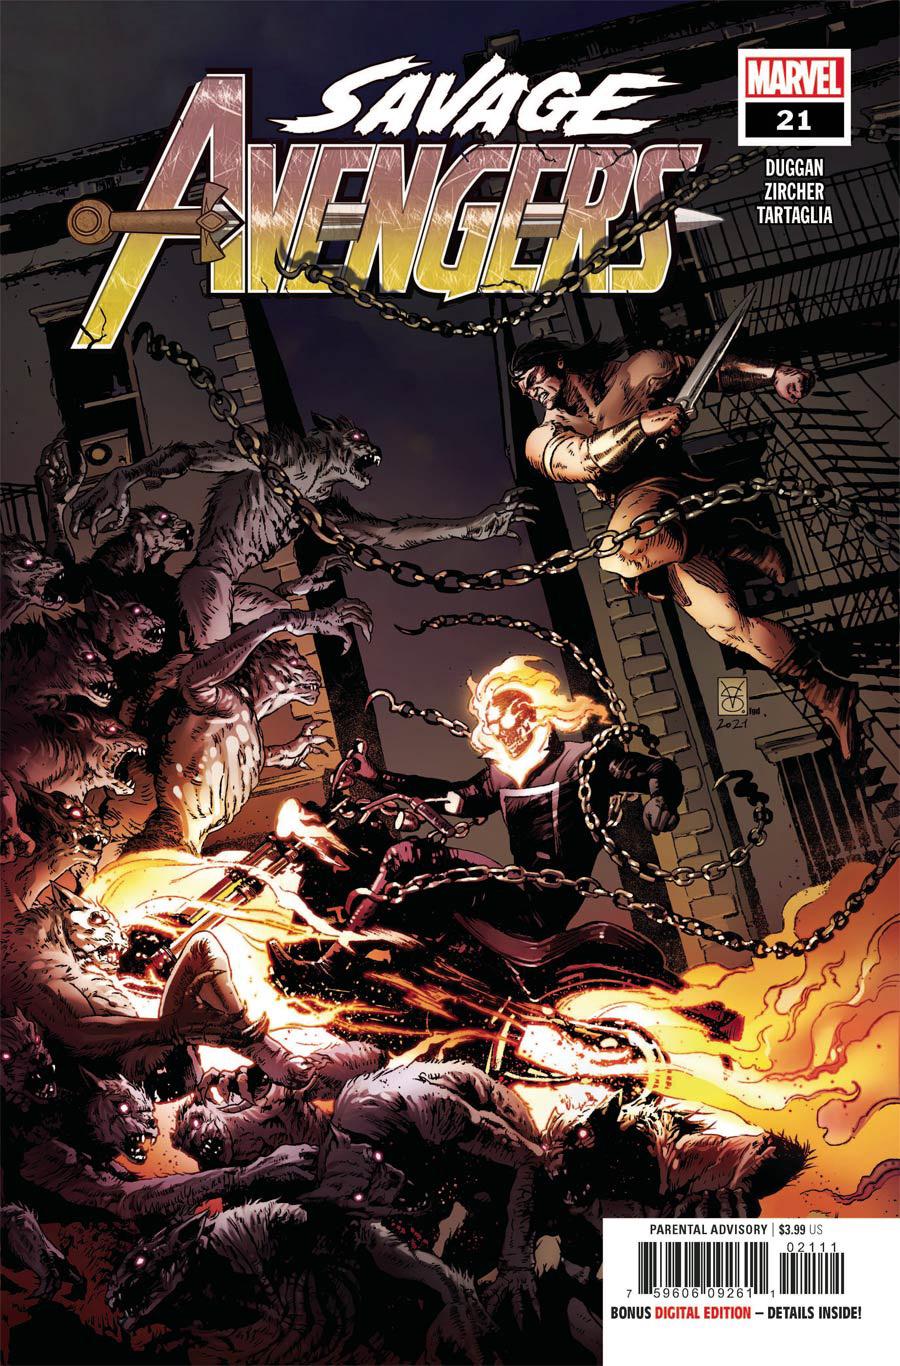 Savage Avengers #21